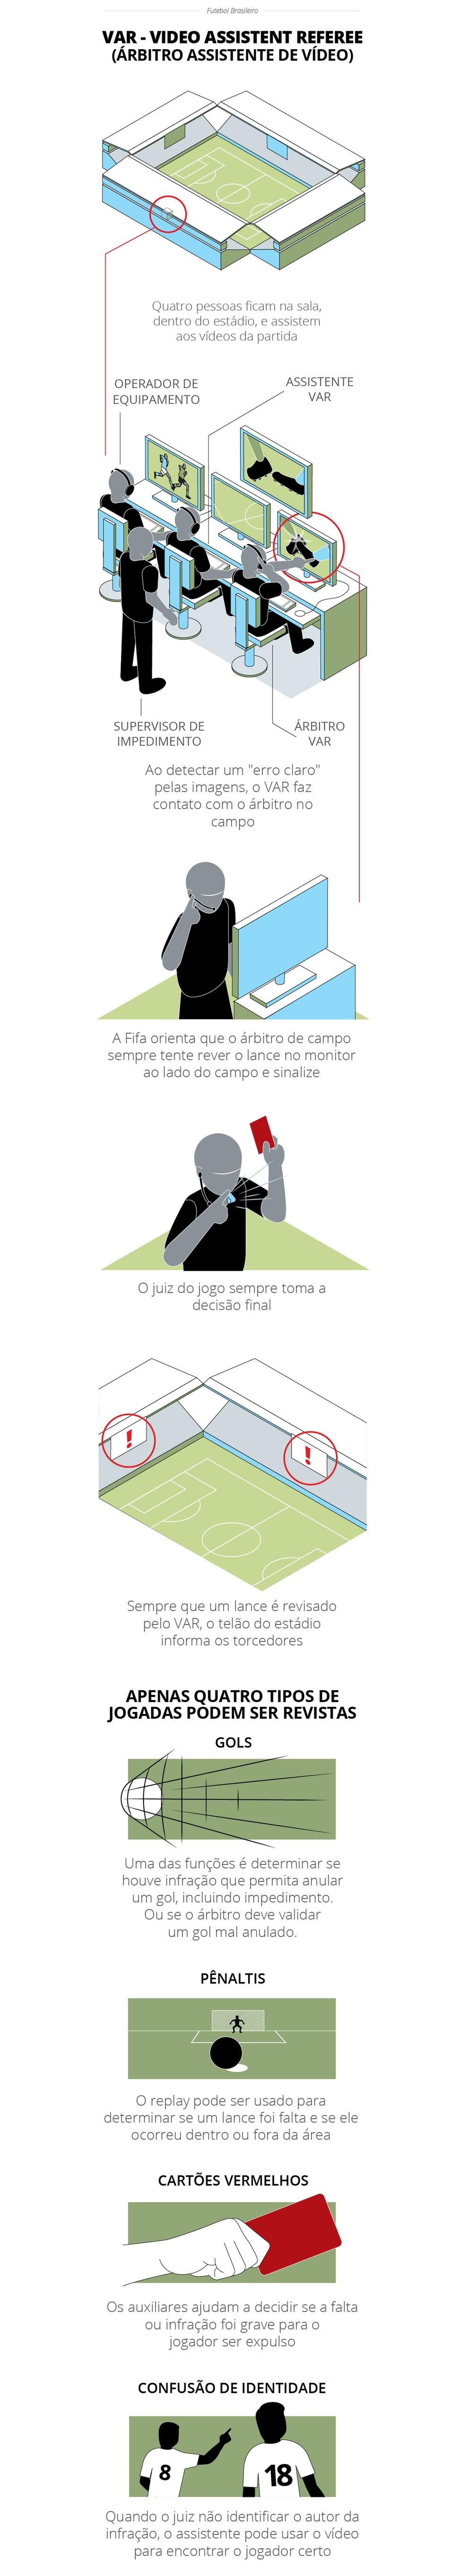 Tutorial VAR - como funciona o árbitro de vídeo — Foto: GloboEsporte.com